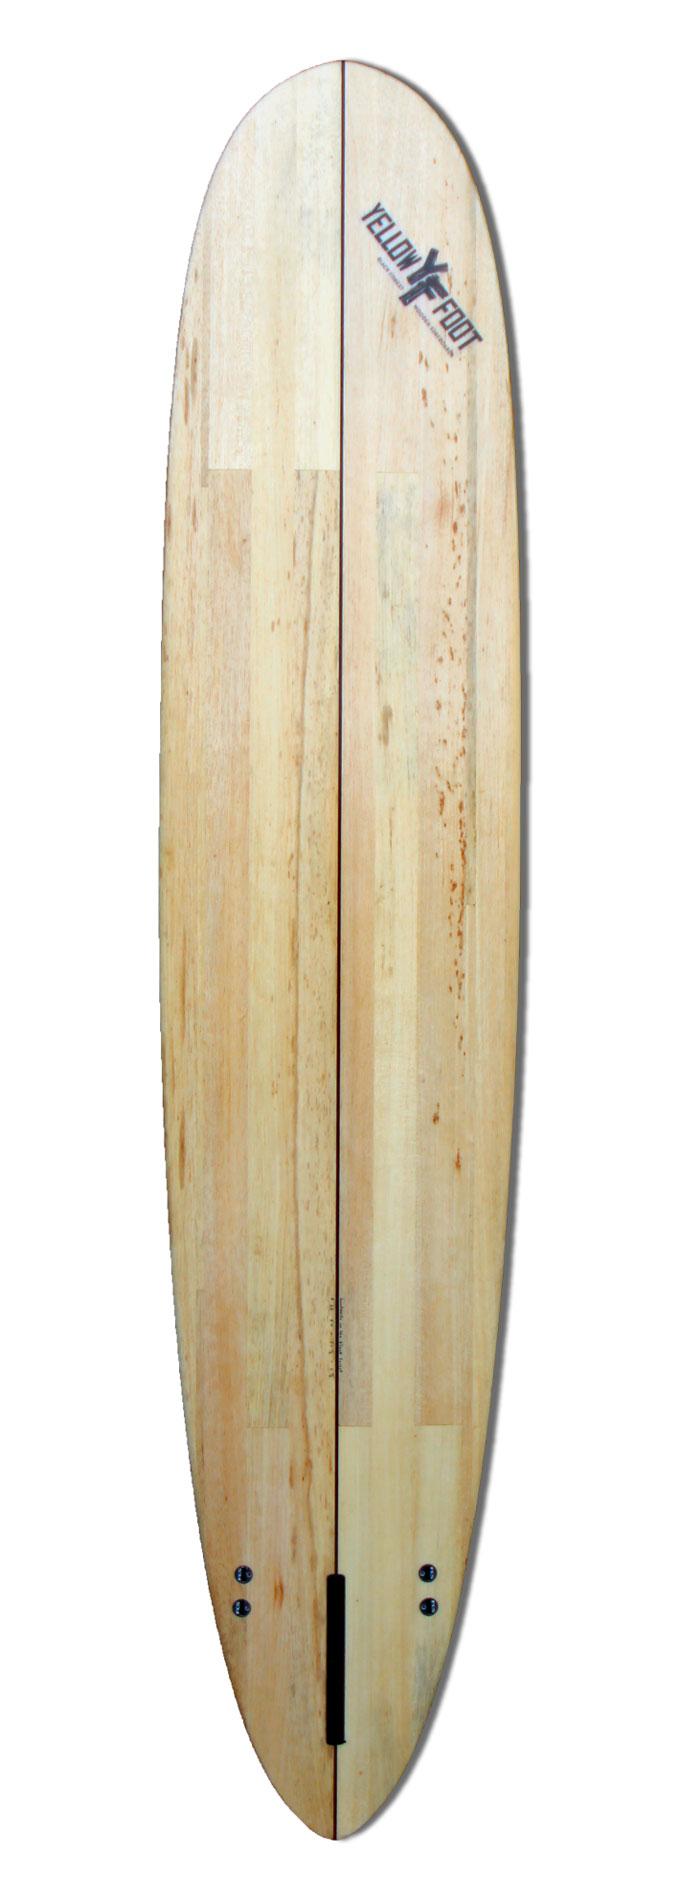 Surfbrett-aus-Holz